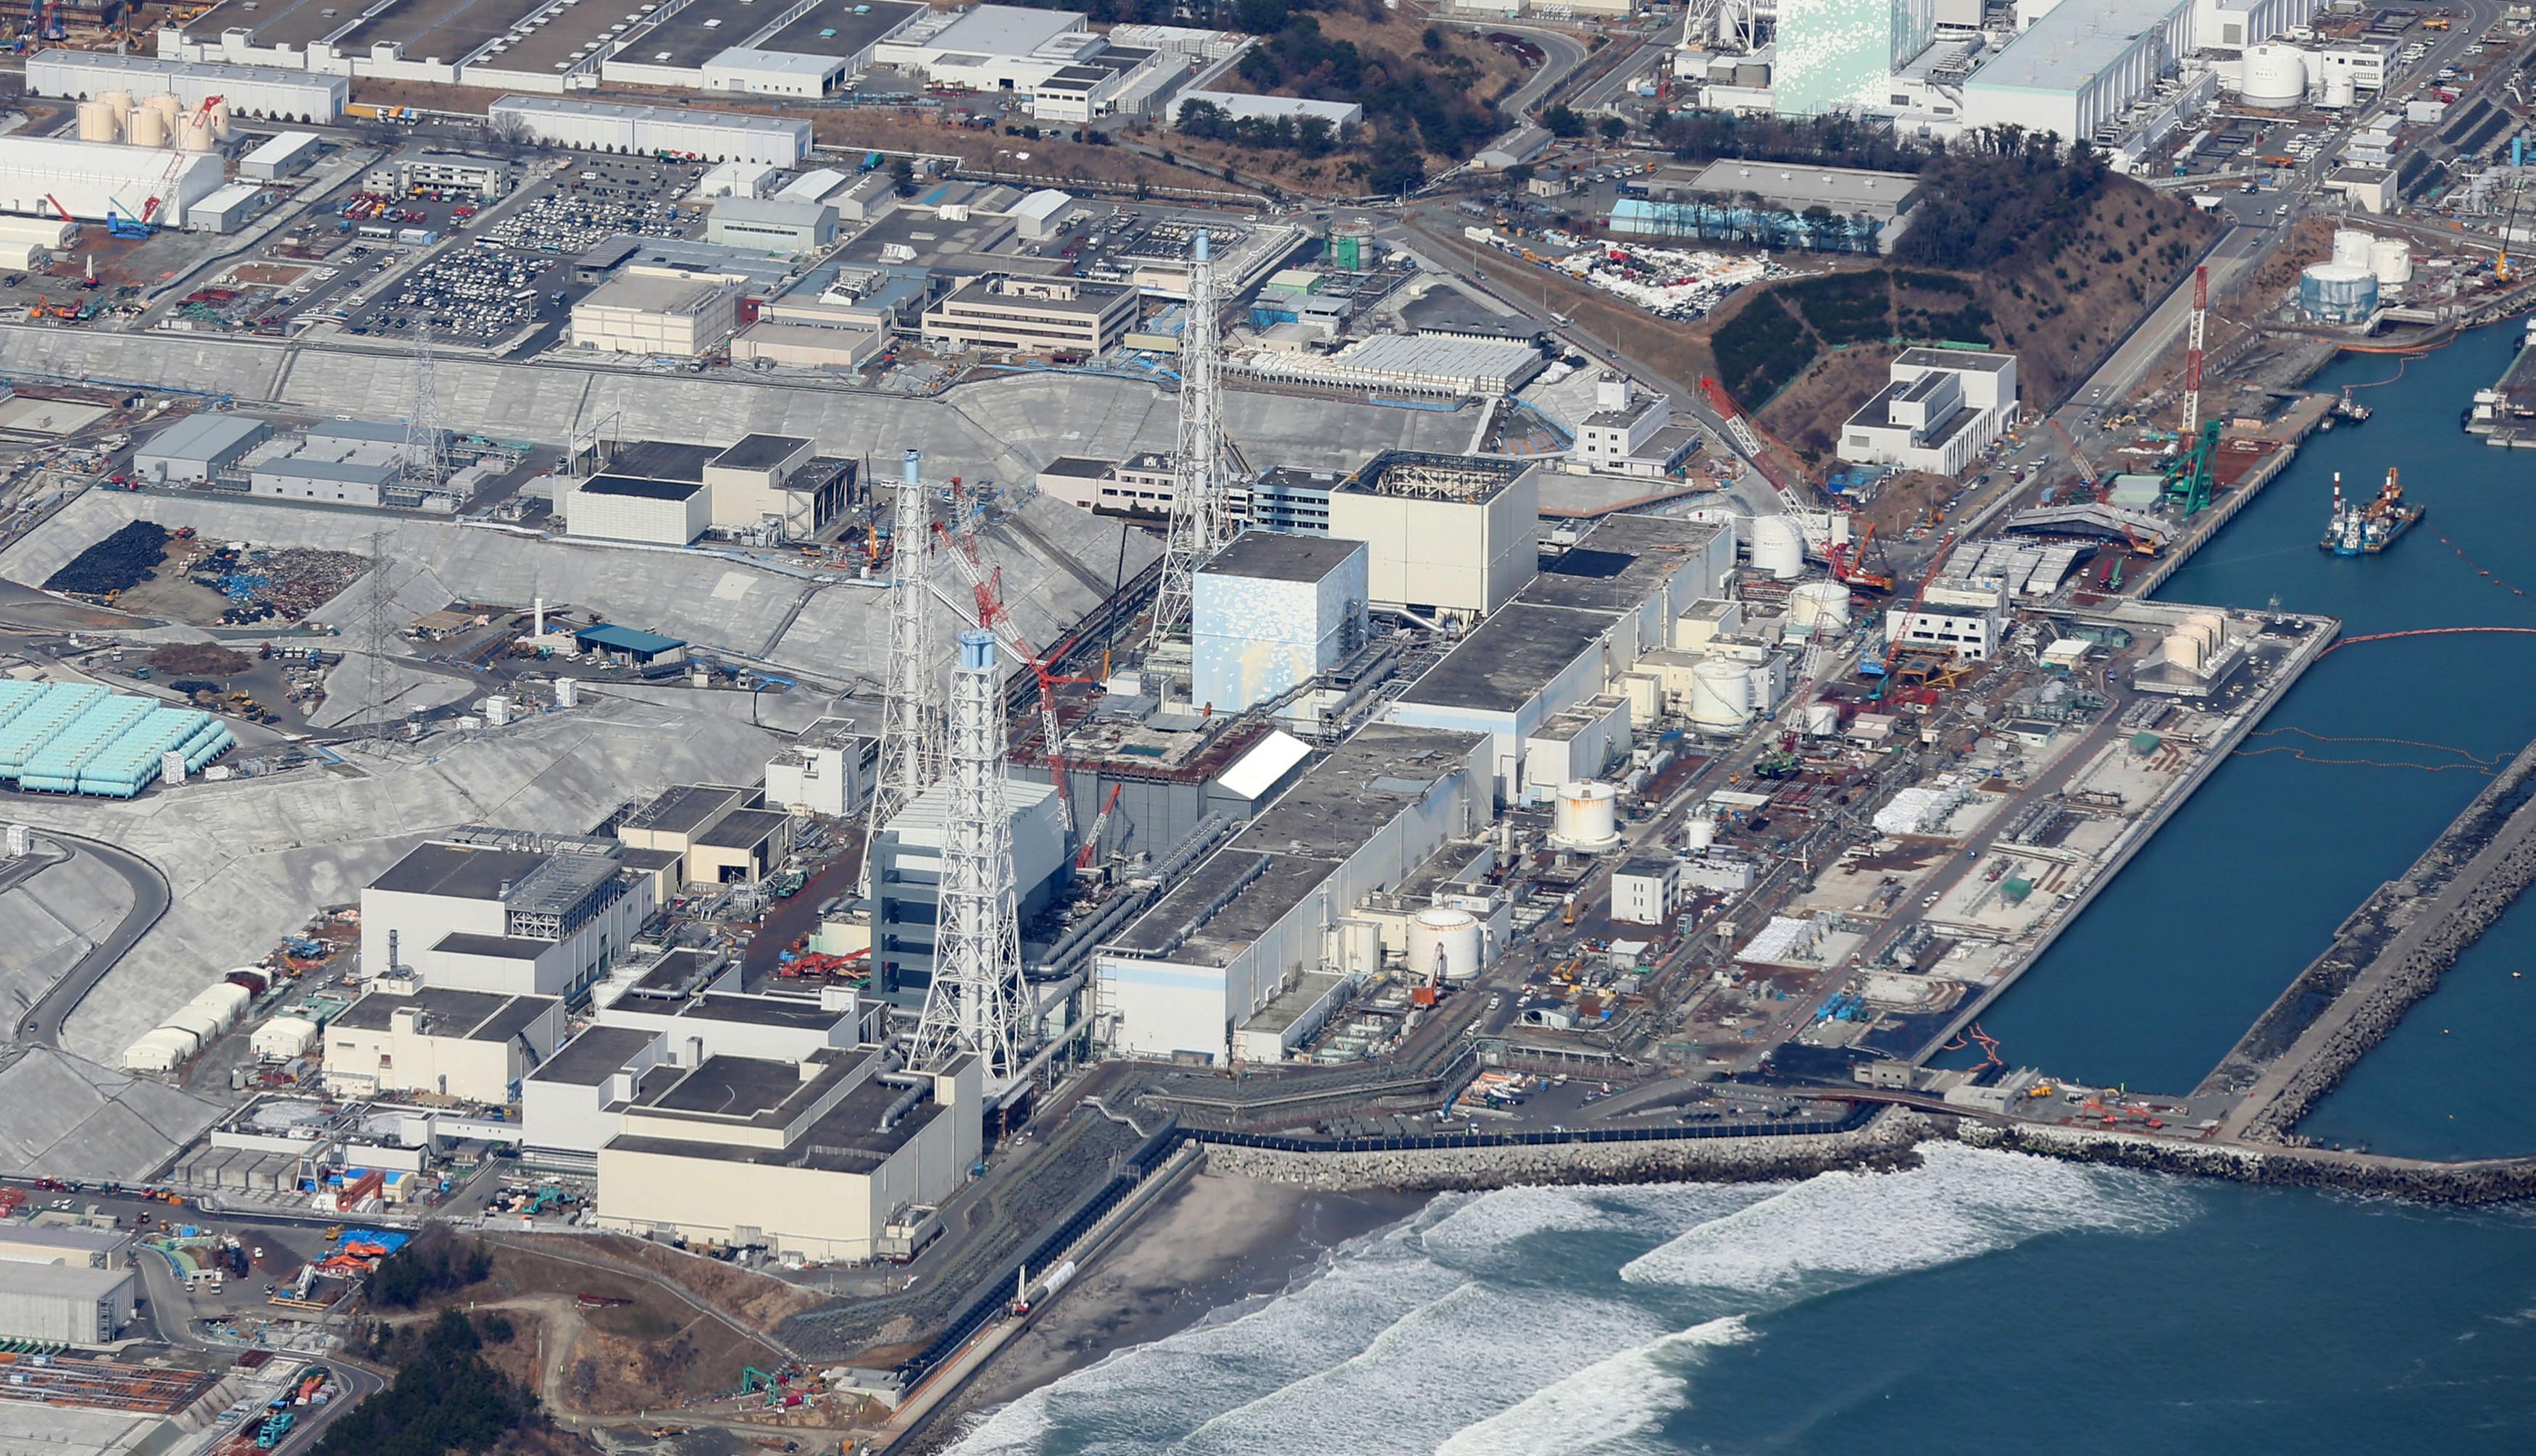 日本「311大地震」届满5周年.图为福岛核电厂今日面貌.